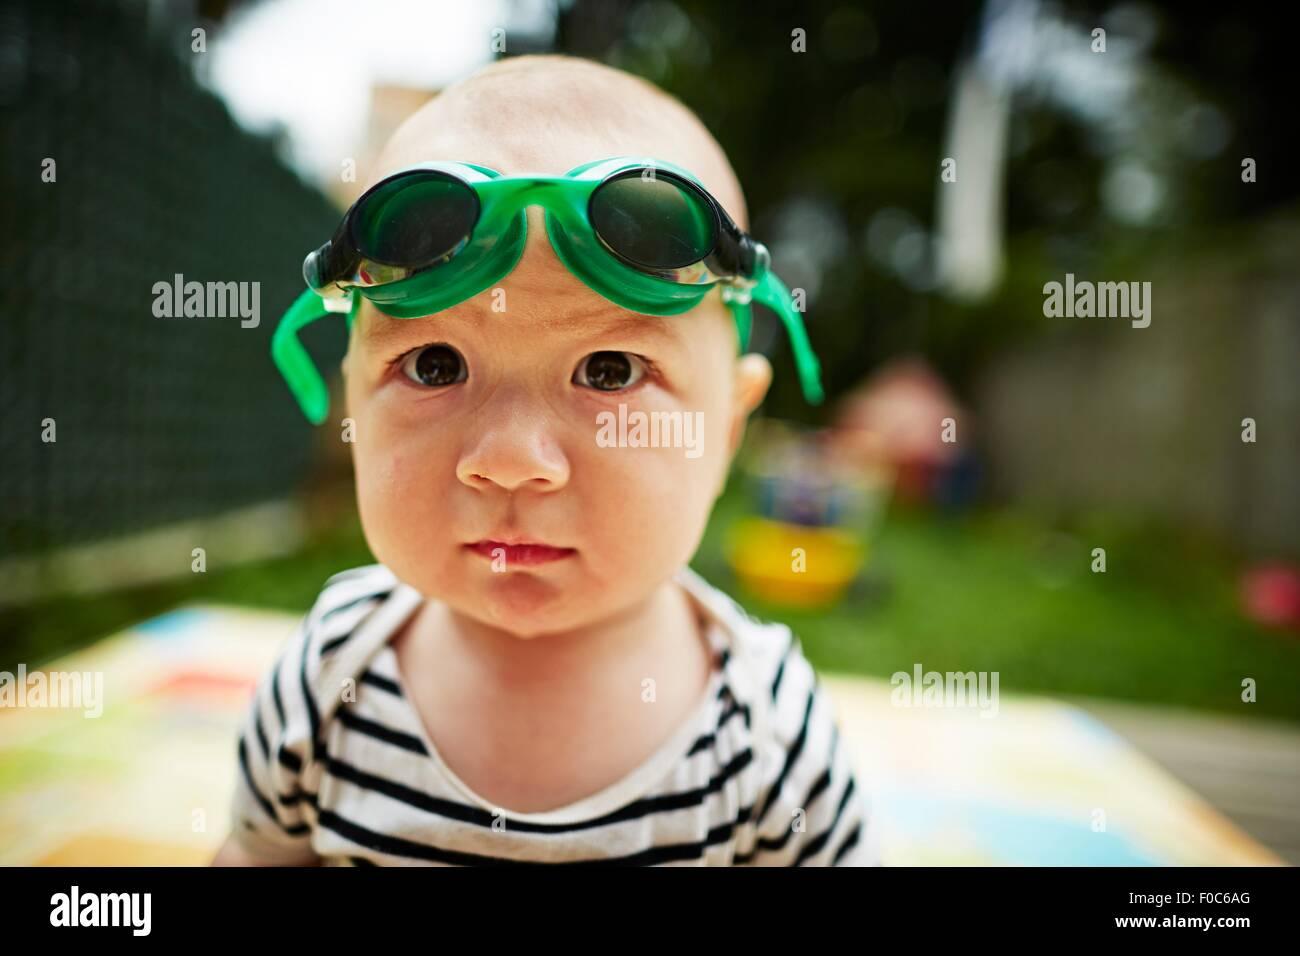 Close Up retrato de Baby Boy mirando a la cámara usando gafas de natación Imagen De Stock